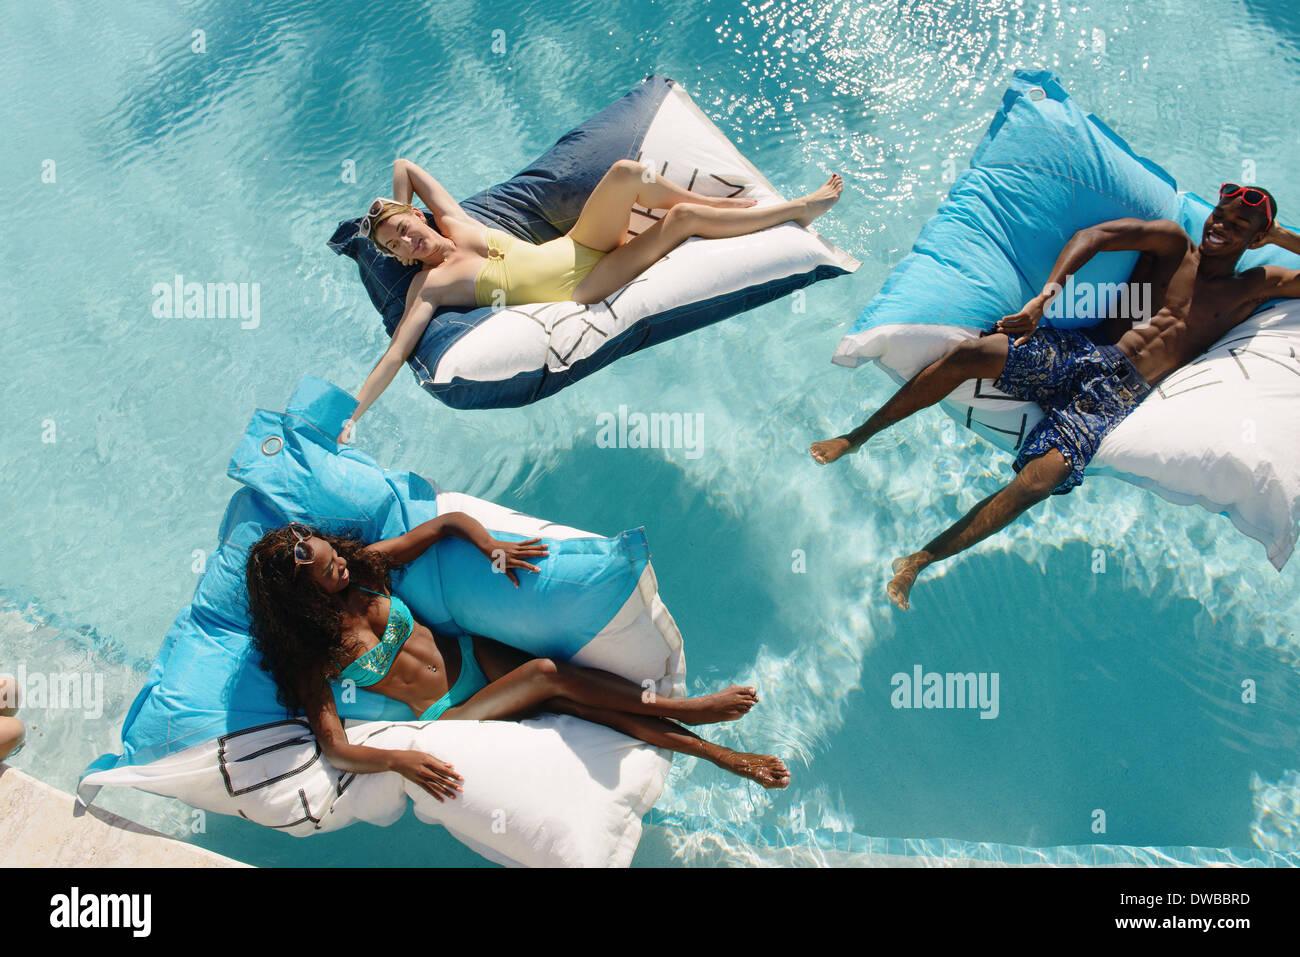 Tres jóvenes recostado sobre colchonetas en piscina, en Providenciales, Islas Turcas y Caicos, Caribe Imagen De Stock